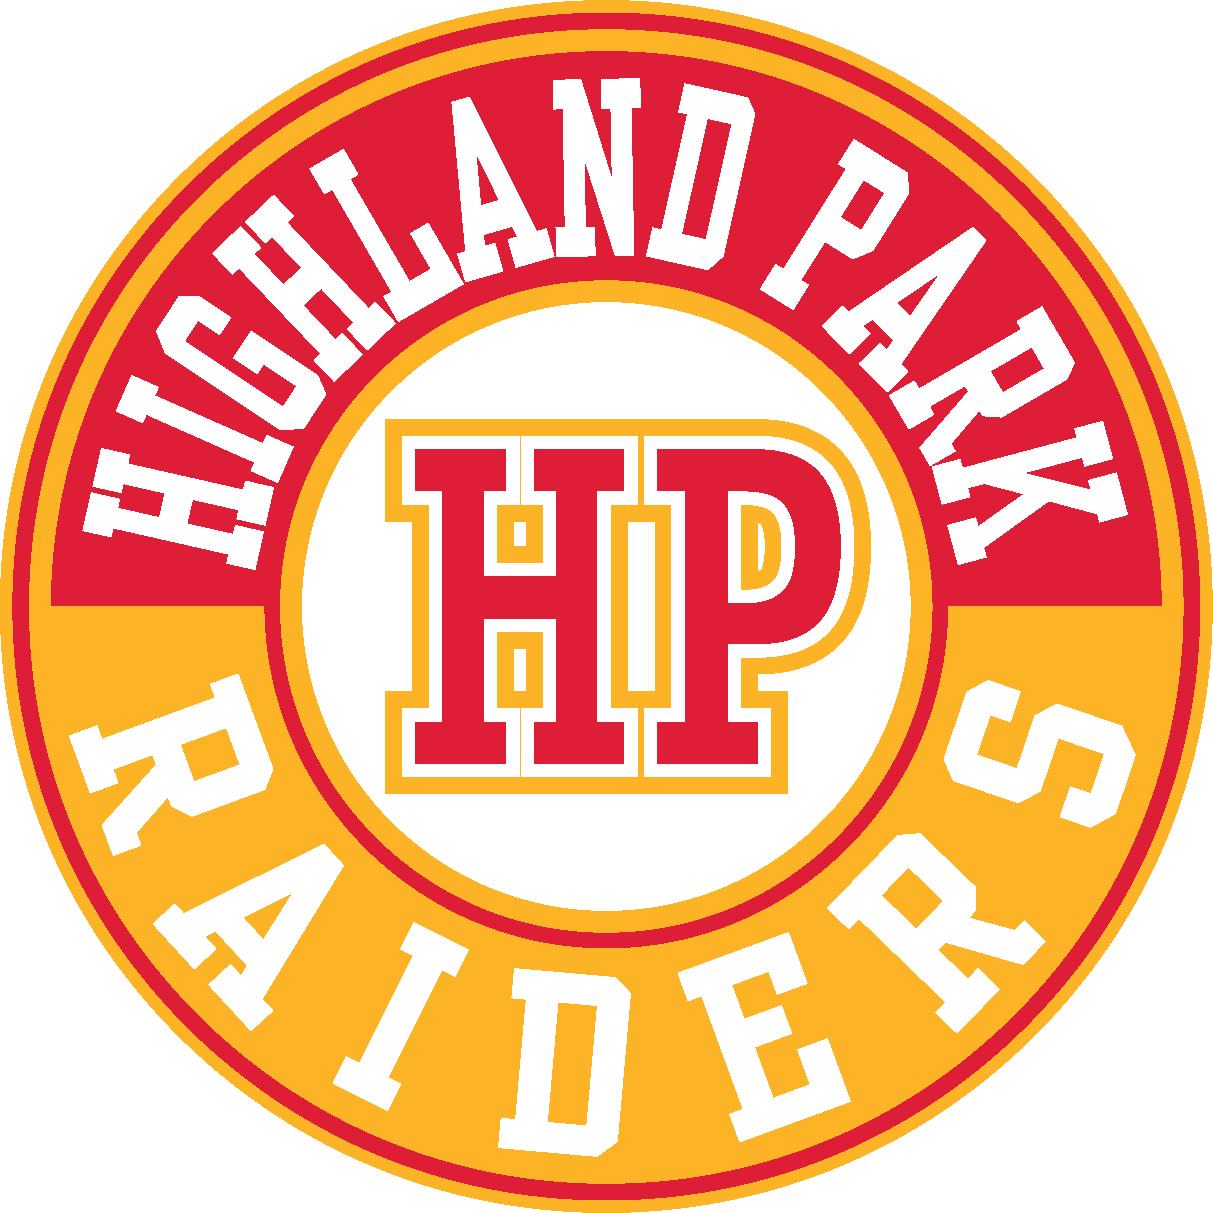 HPMS letter logo crest